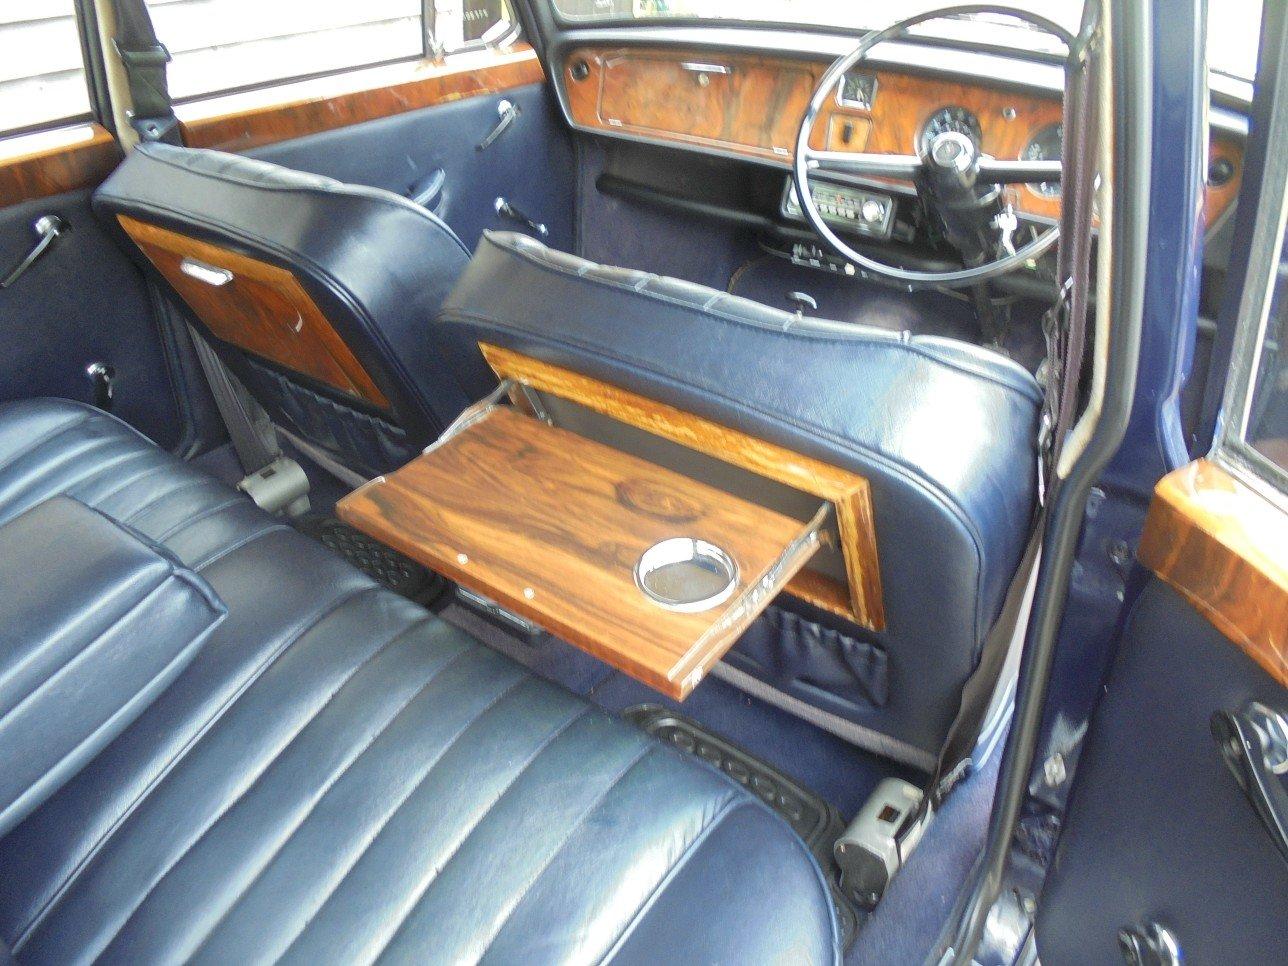 1973 Vanden Plas Princess 1300 Automatic 4 Door Saloon. SOLD (picture 6 of 6)